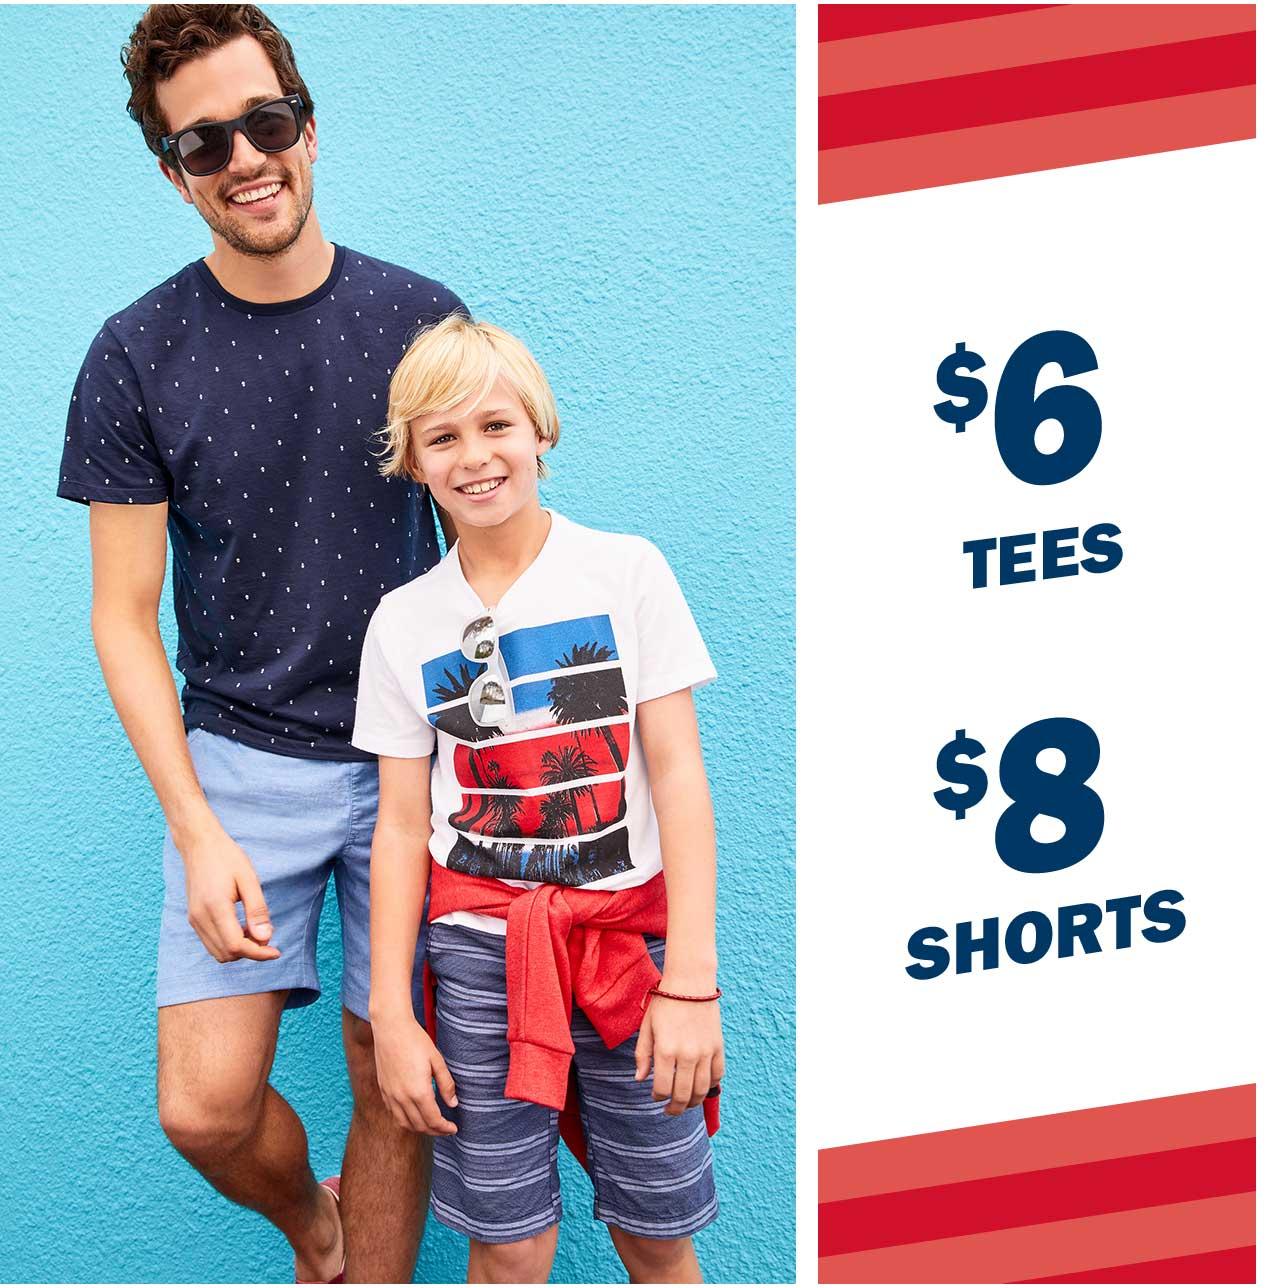 $6 TEES | $8 SHORTS